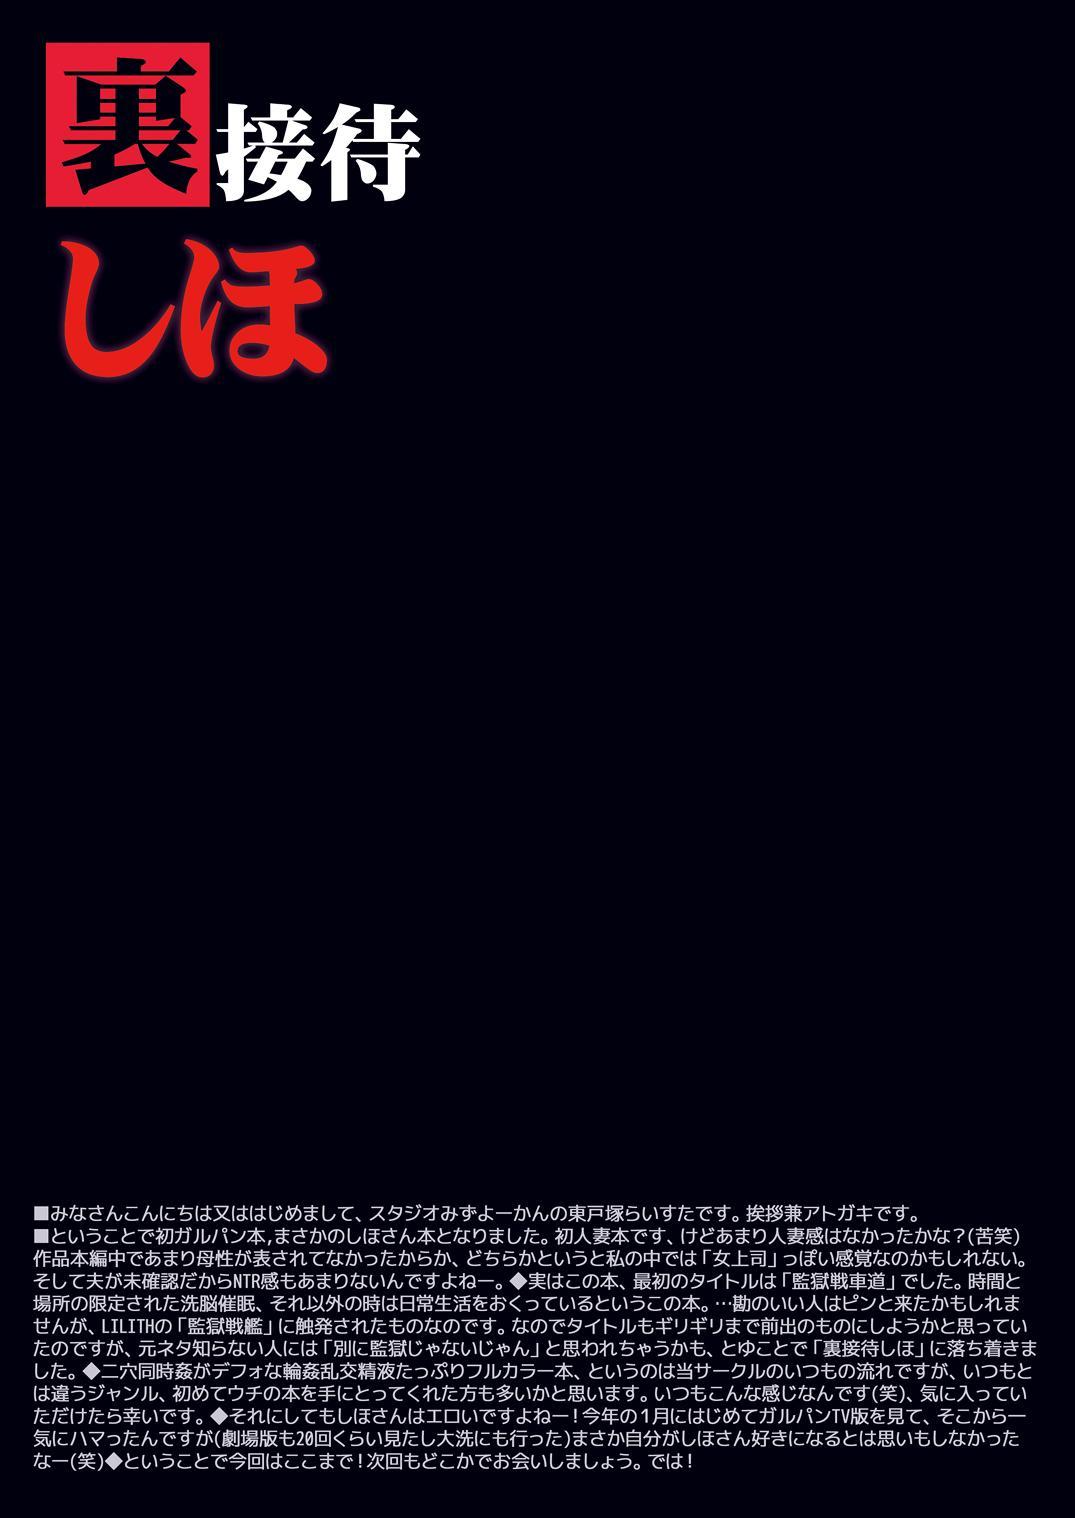 Ura Settai Shiho 54